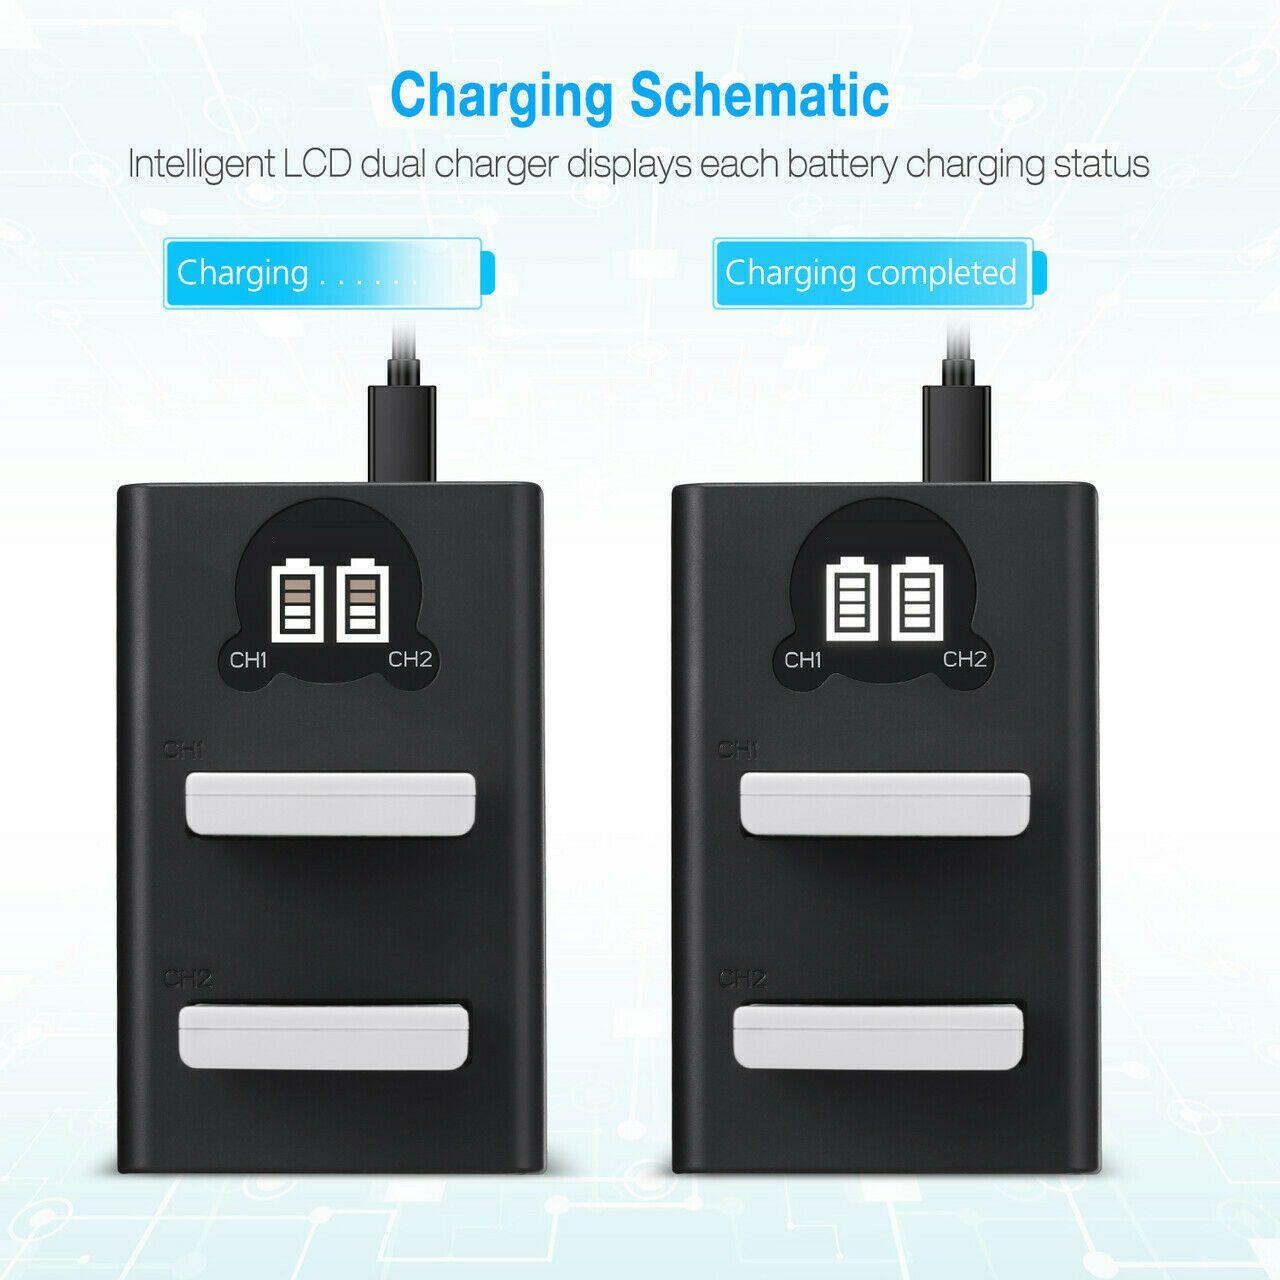 2 Baterias + Duplo Carregador DL EN-EL3 PARA NIKON D50, D70, D80, D90, D100, D200, D300, D700